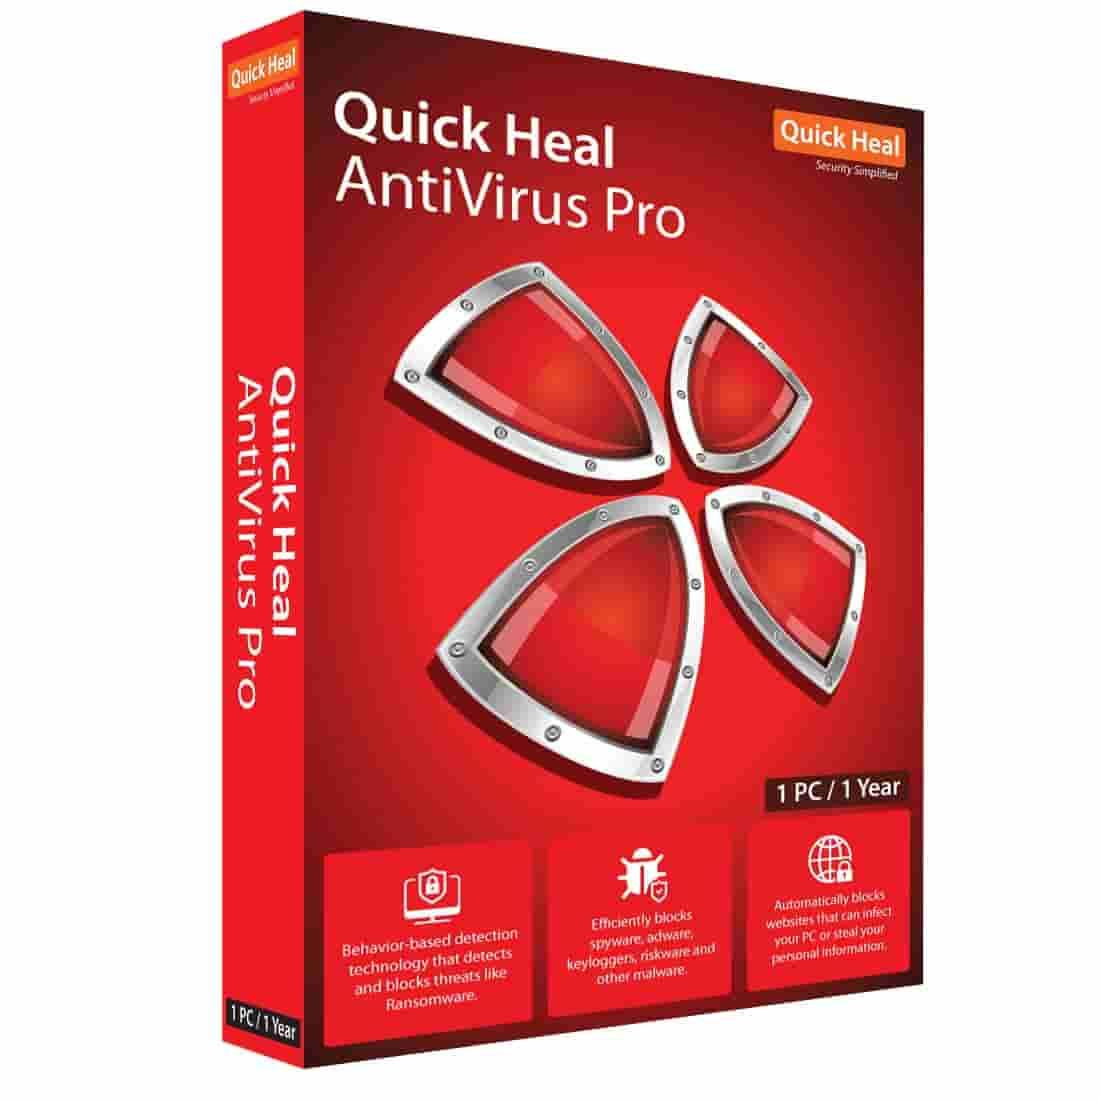 quick-heal-antivirus pro 1pc 1 year